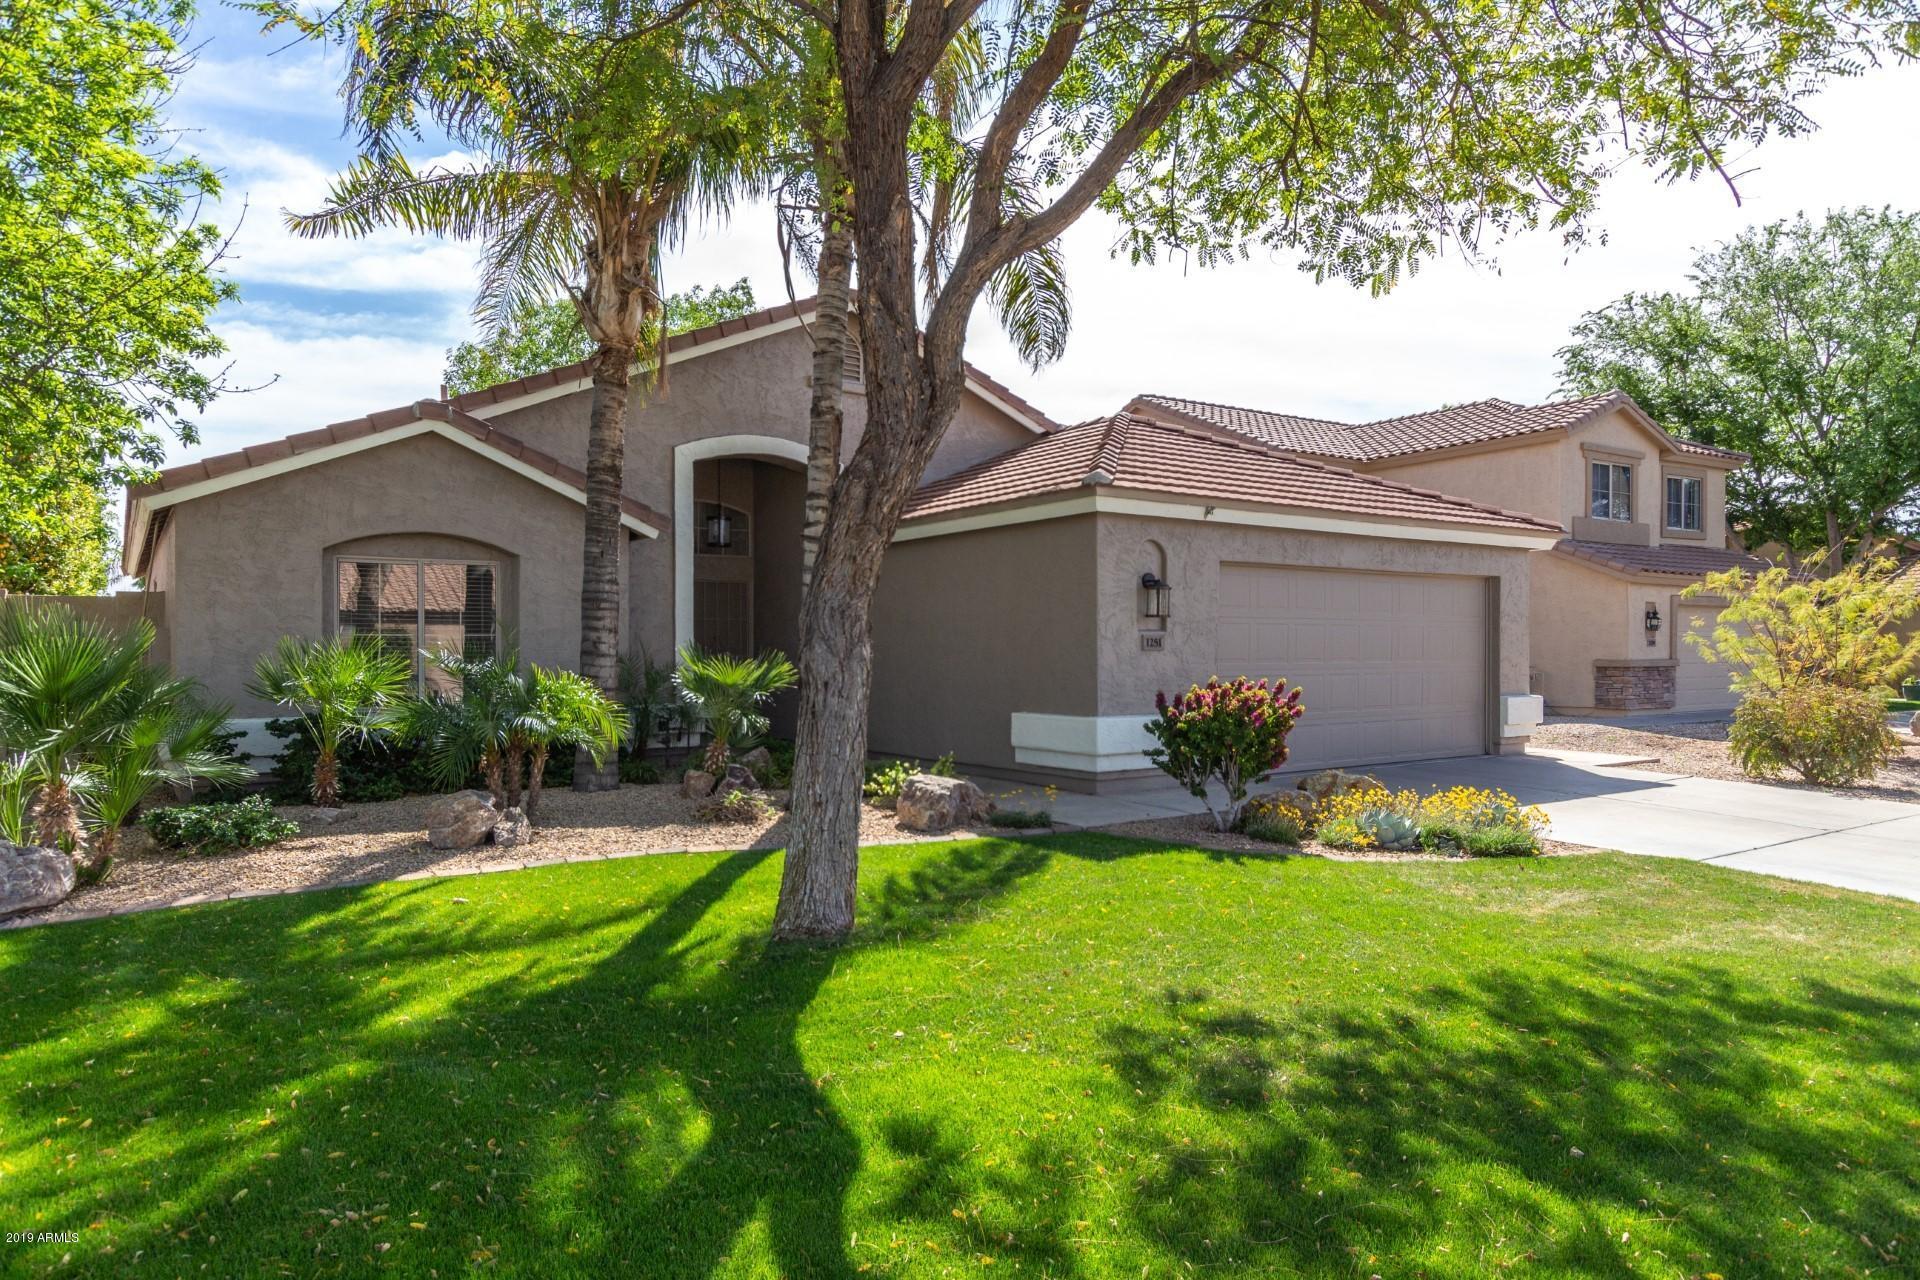 Photo of 1251 S NIELSON Street, Gilbert, AZ 85296